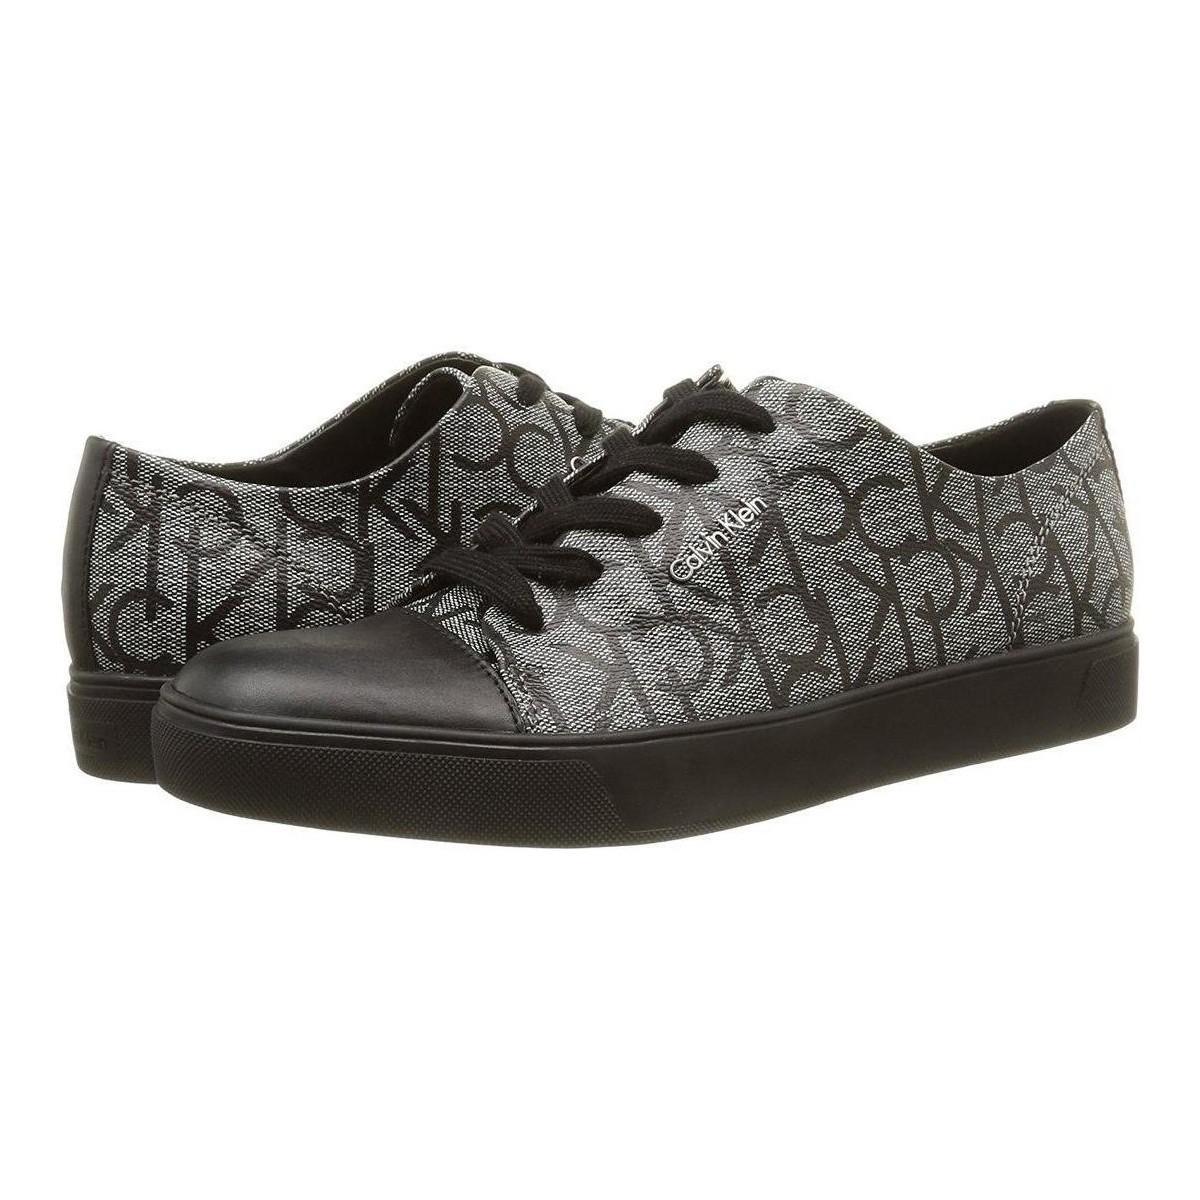 011057 hommes Chaussures en Gris Jean Calvin Klein pour homme en coloris Gris - 40 % de réduction